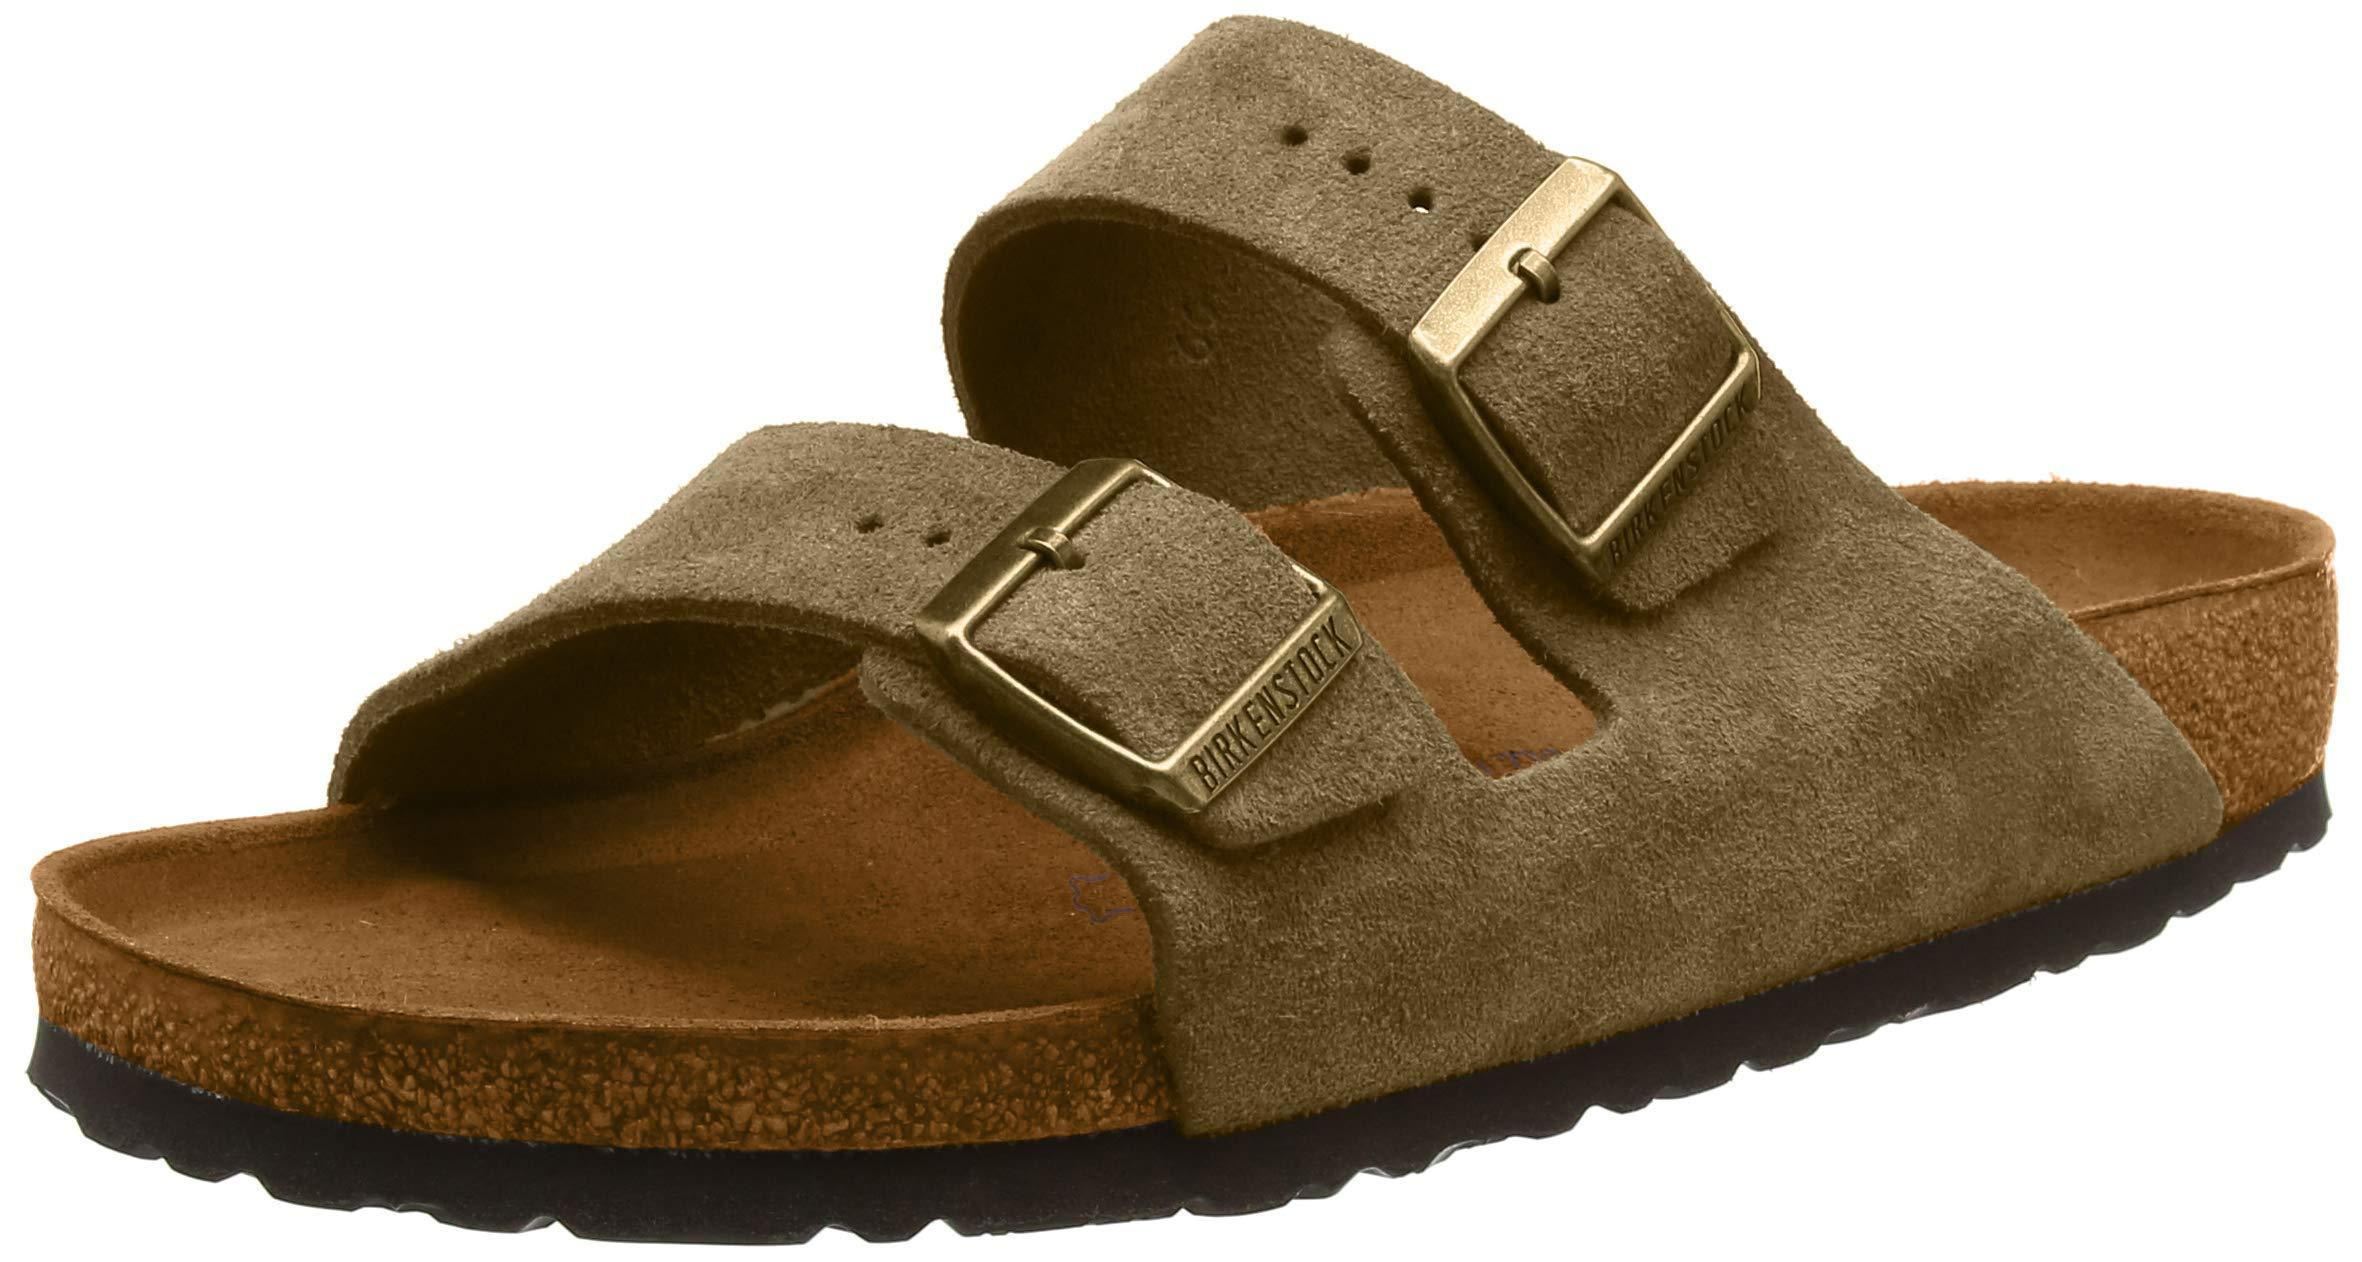 0e96da2dd Galleon - Birkenstock Unisex Arizona Suede Forest Sandals 8 W / 6 M US